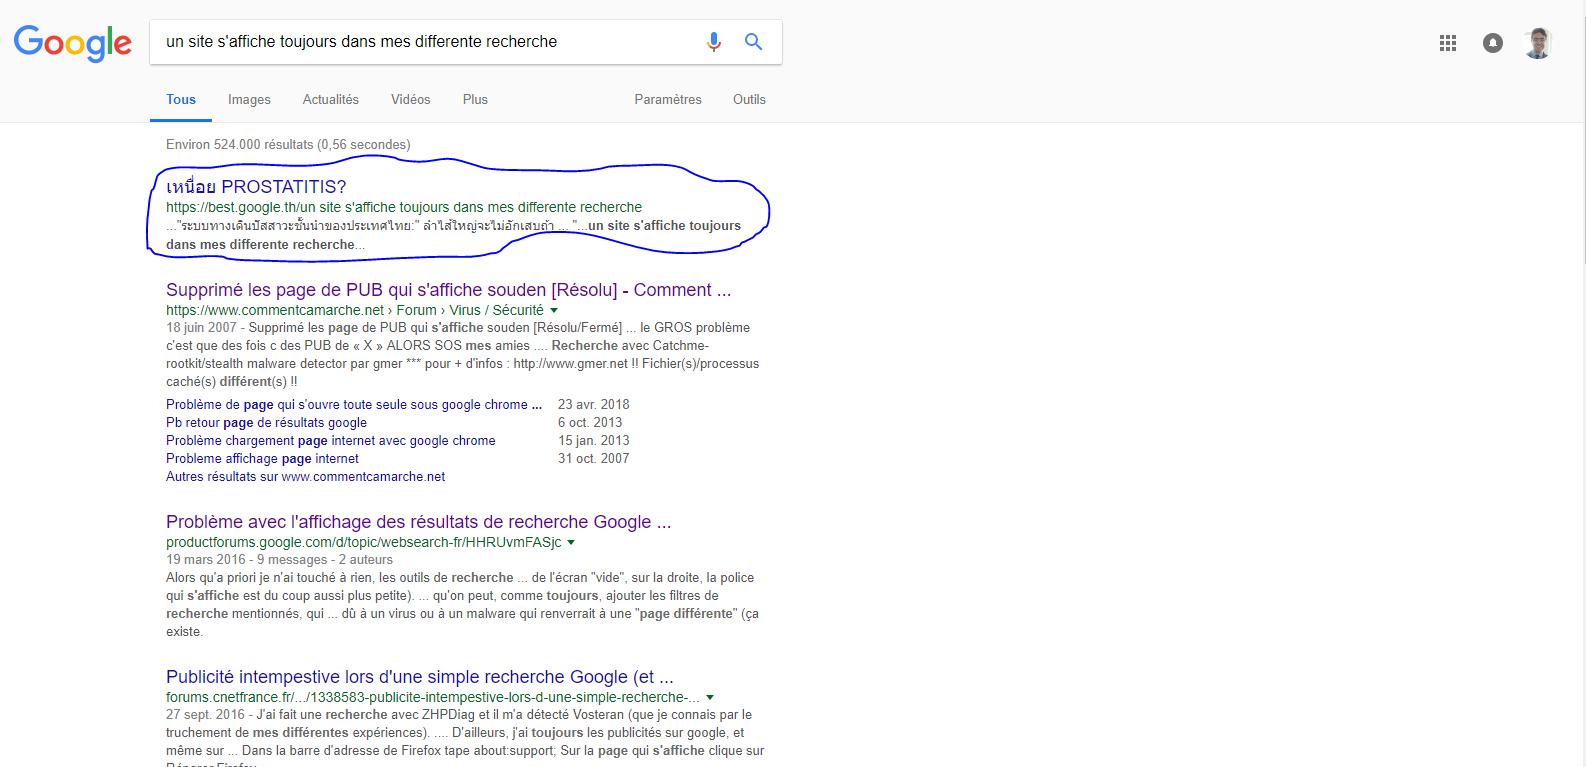 Un Site Saffiche Durent Toute Mes Recherche Google Sans